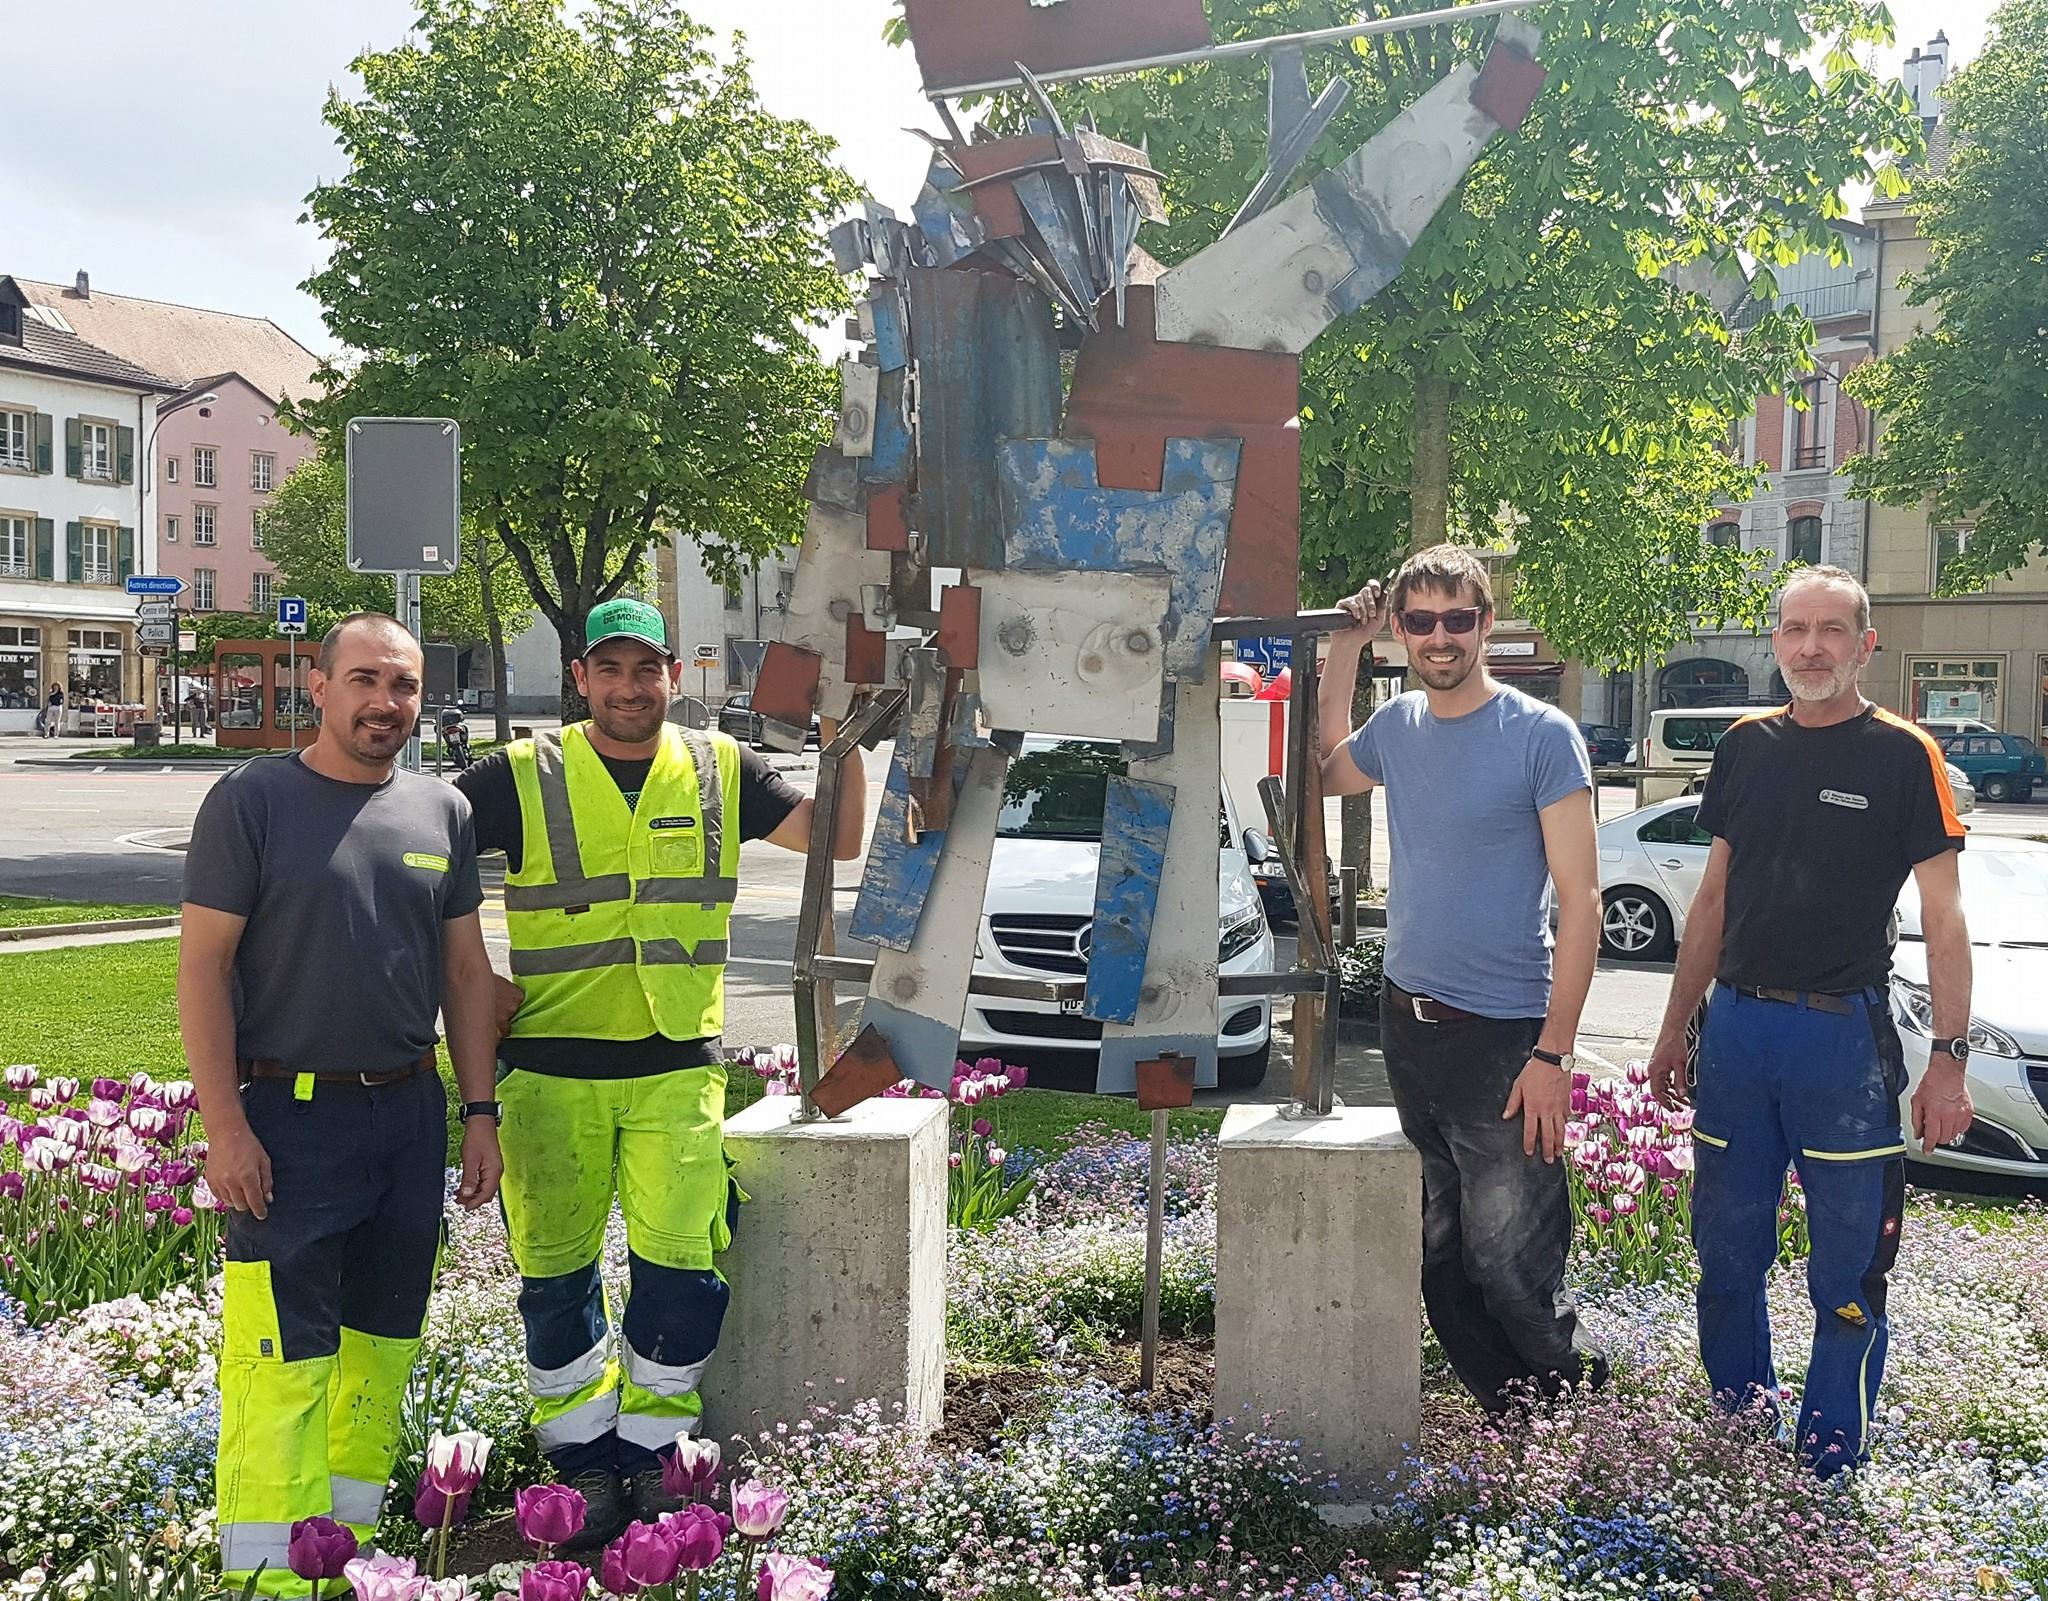 sculpture+métalliques+paul+estier+lanceur+drapeau+yverdon+tourisme (3)